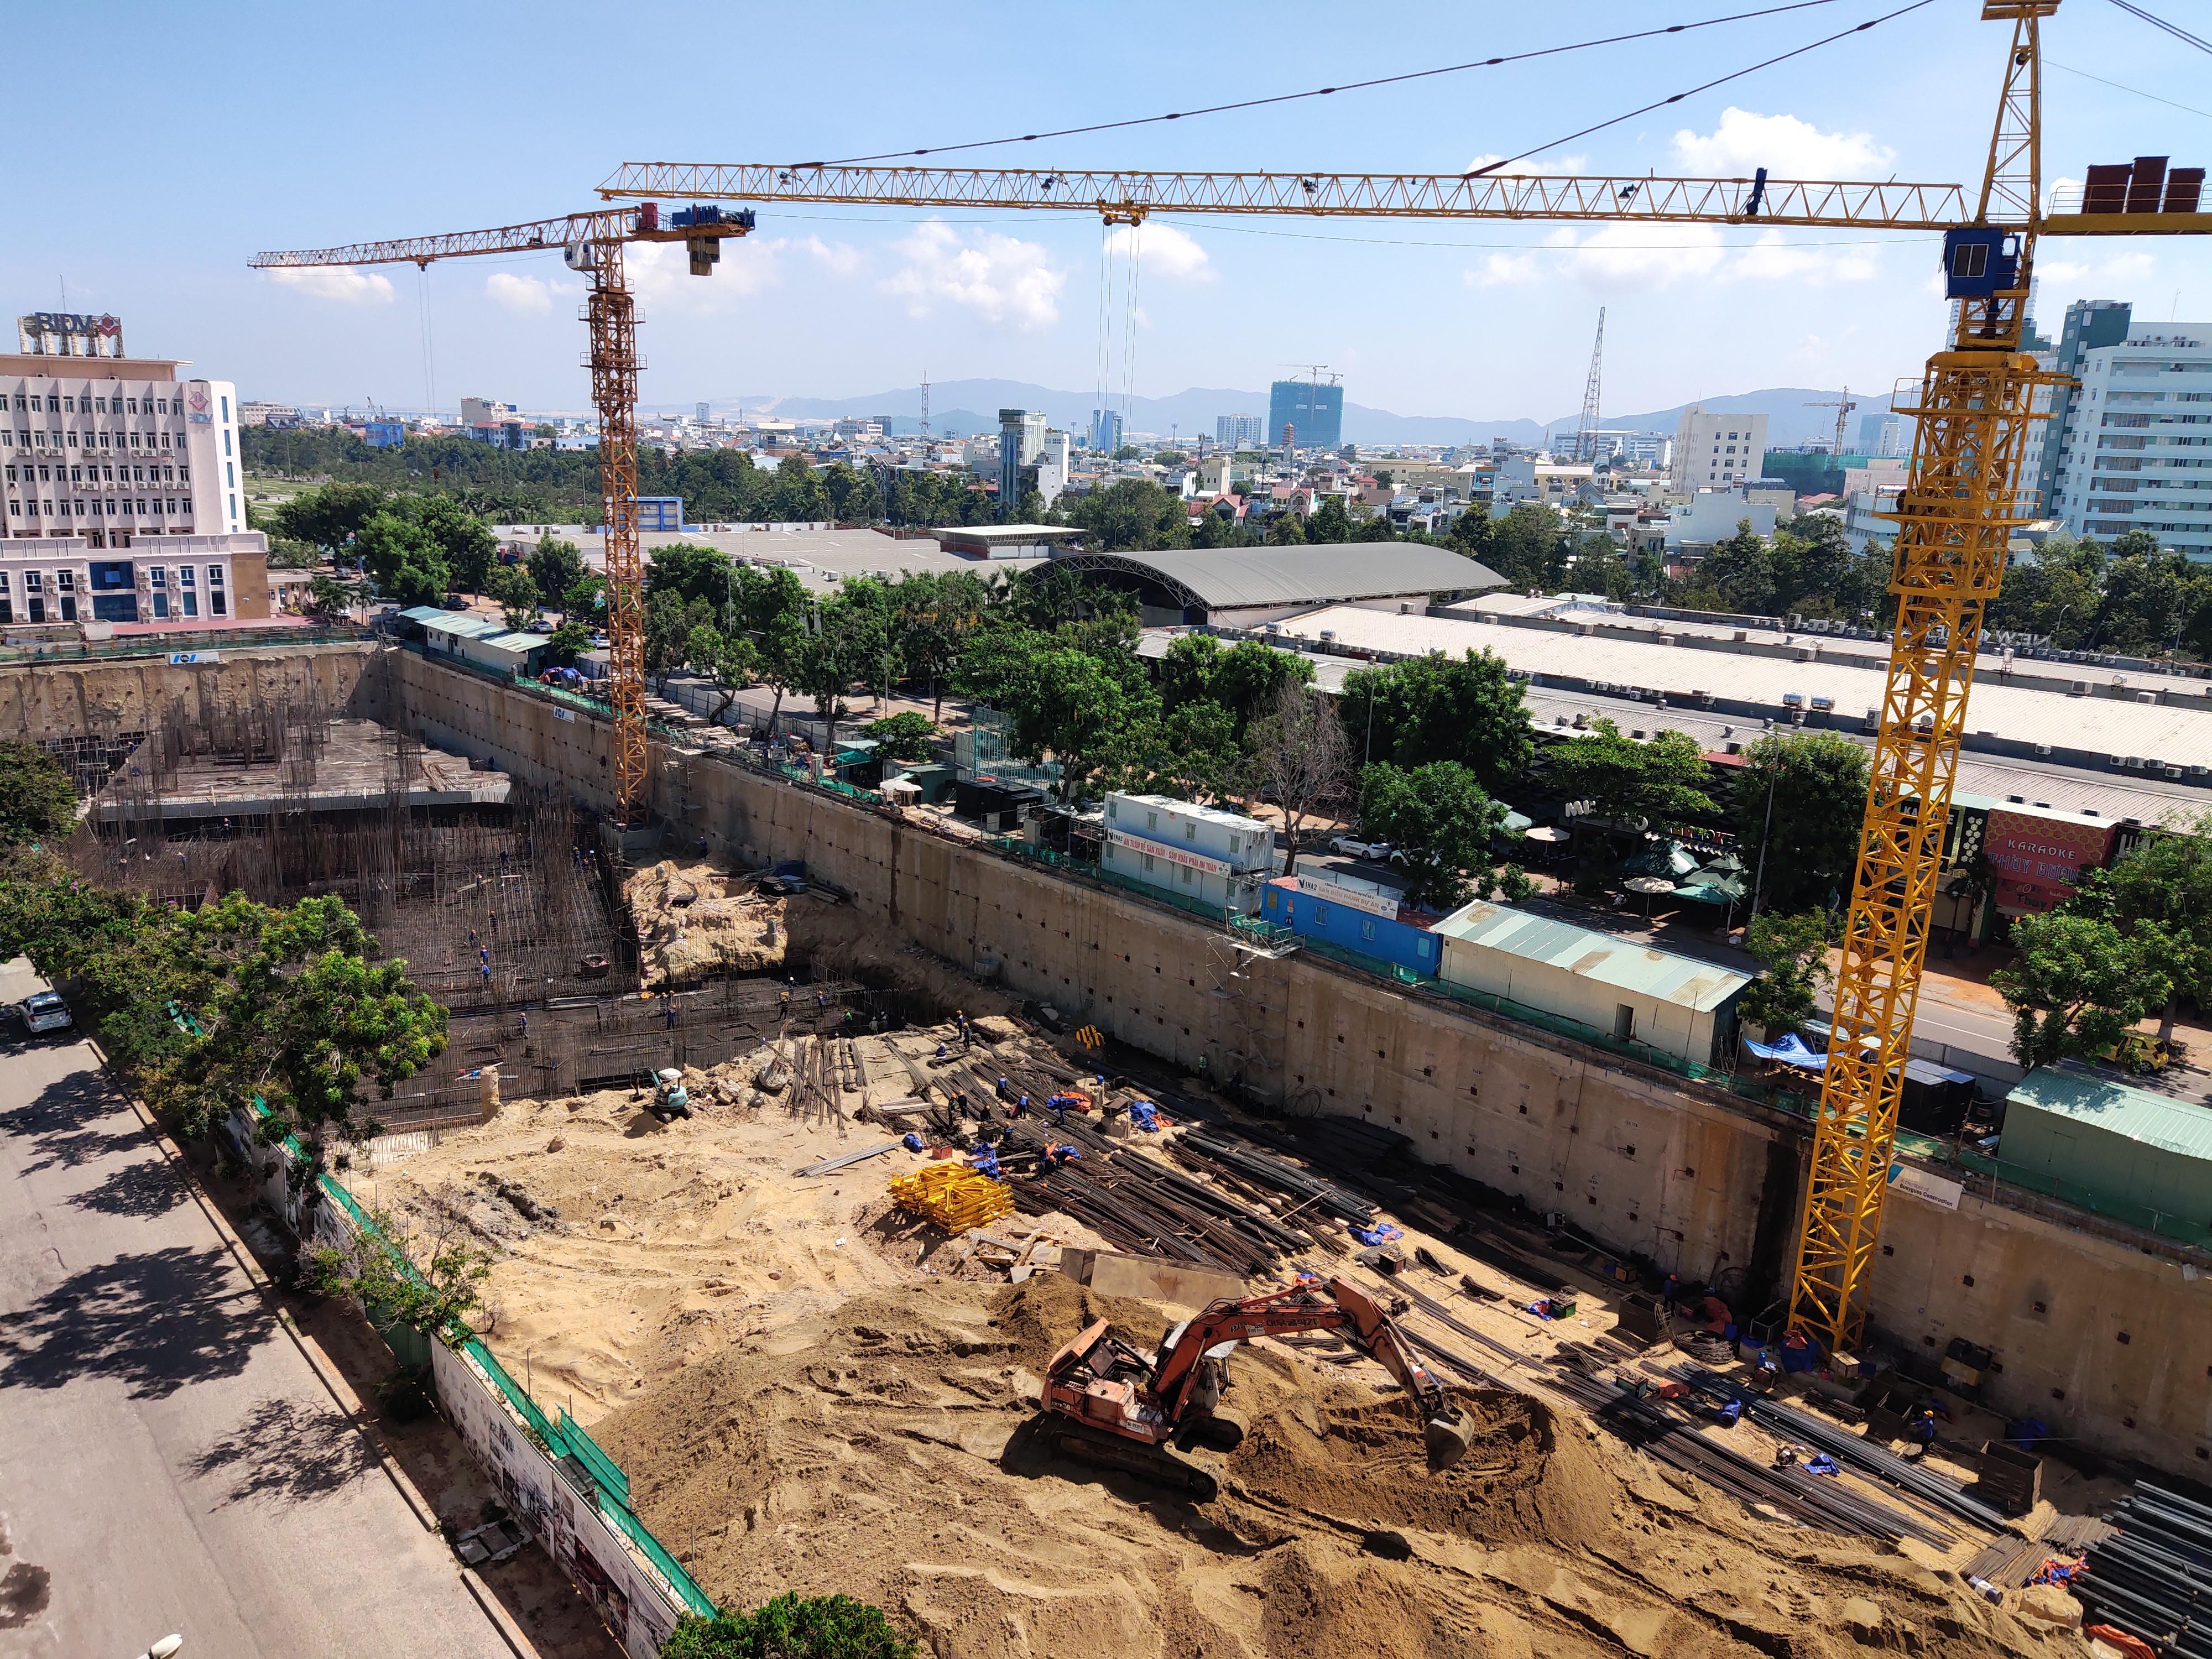 Bình định: Cận cảnh những khu đất vàng giao cho doanh nghiệp xây cao ốc - Ảnh 5.